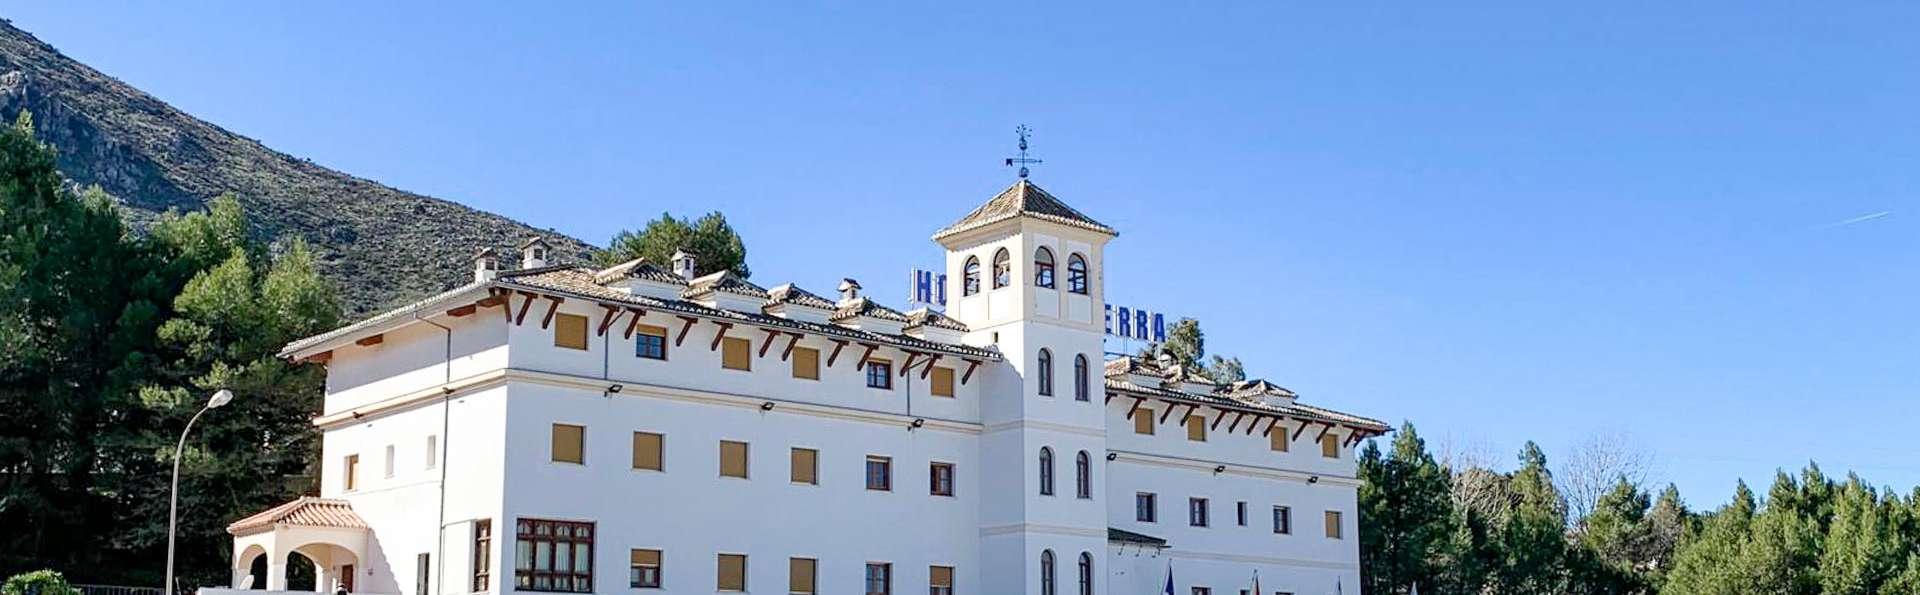 Hotel Restaurante La Sierra - EDIT_N2_FRONT_01.jpg